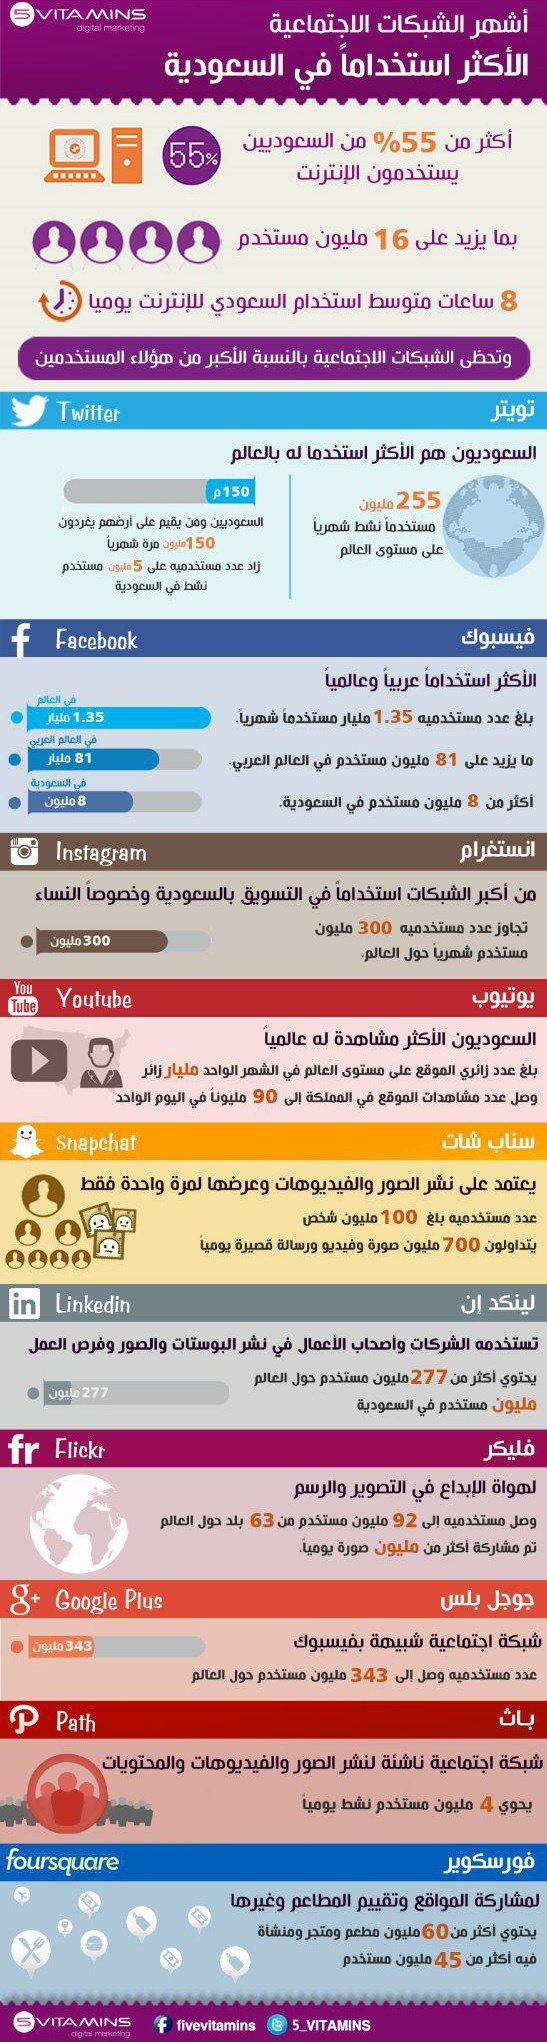 أشهر الشبكات الاجتماعية الأكثر استخداما في #السعودية #انفوجرافيك #اعلام_اجتماعي